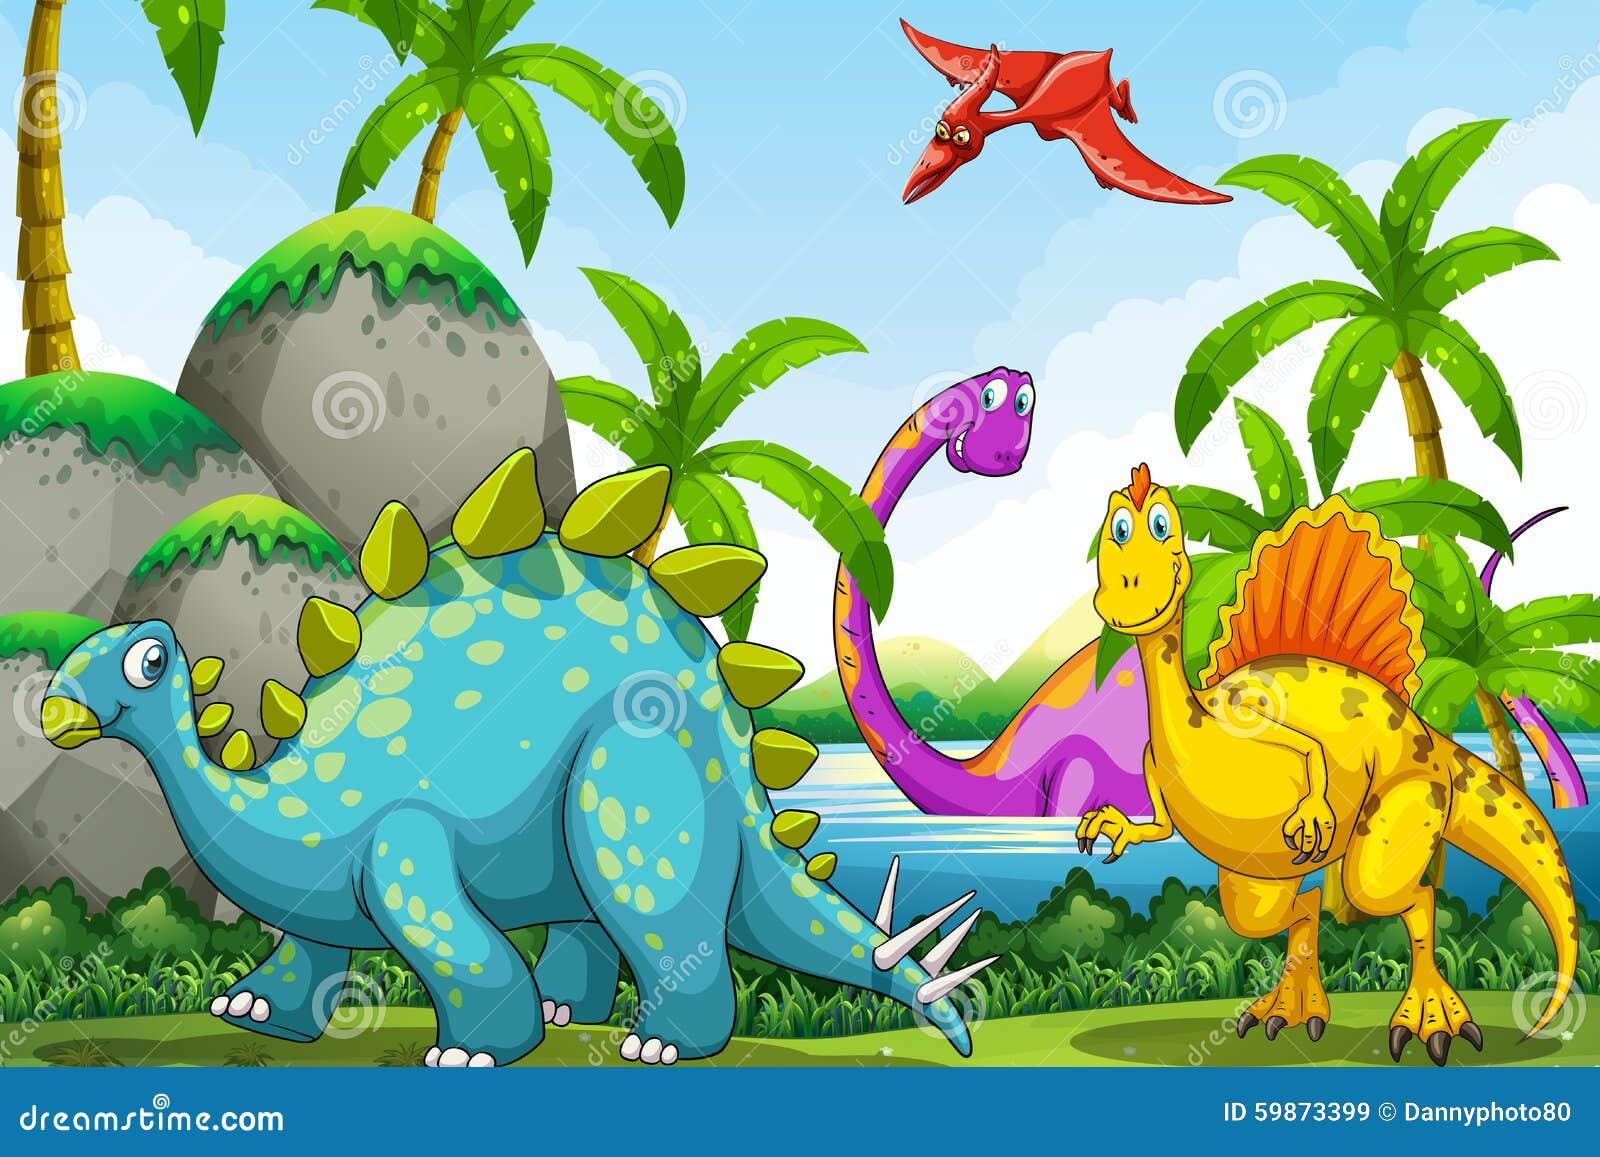 居住在密林的恐龙